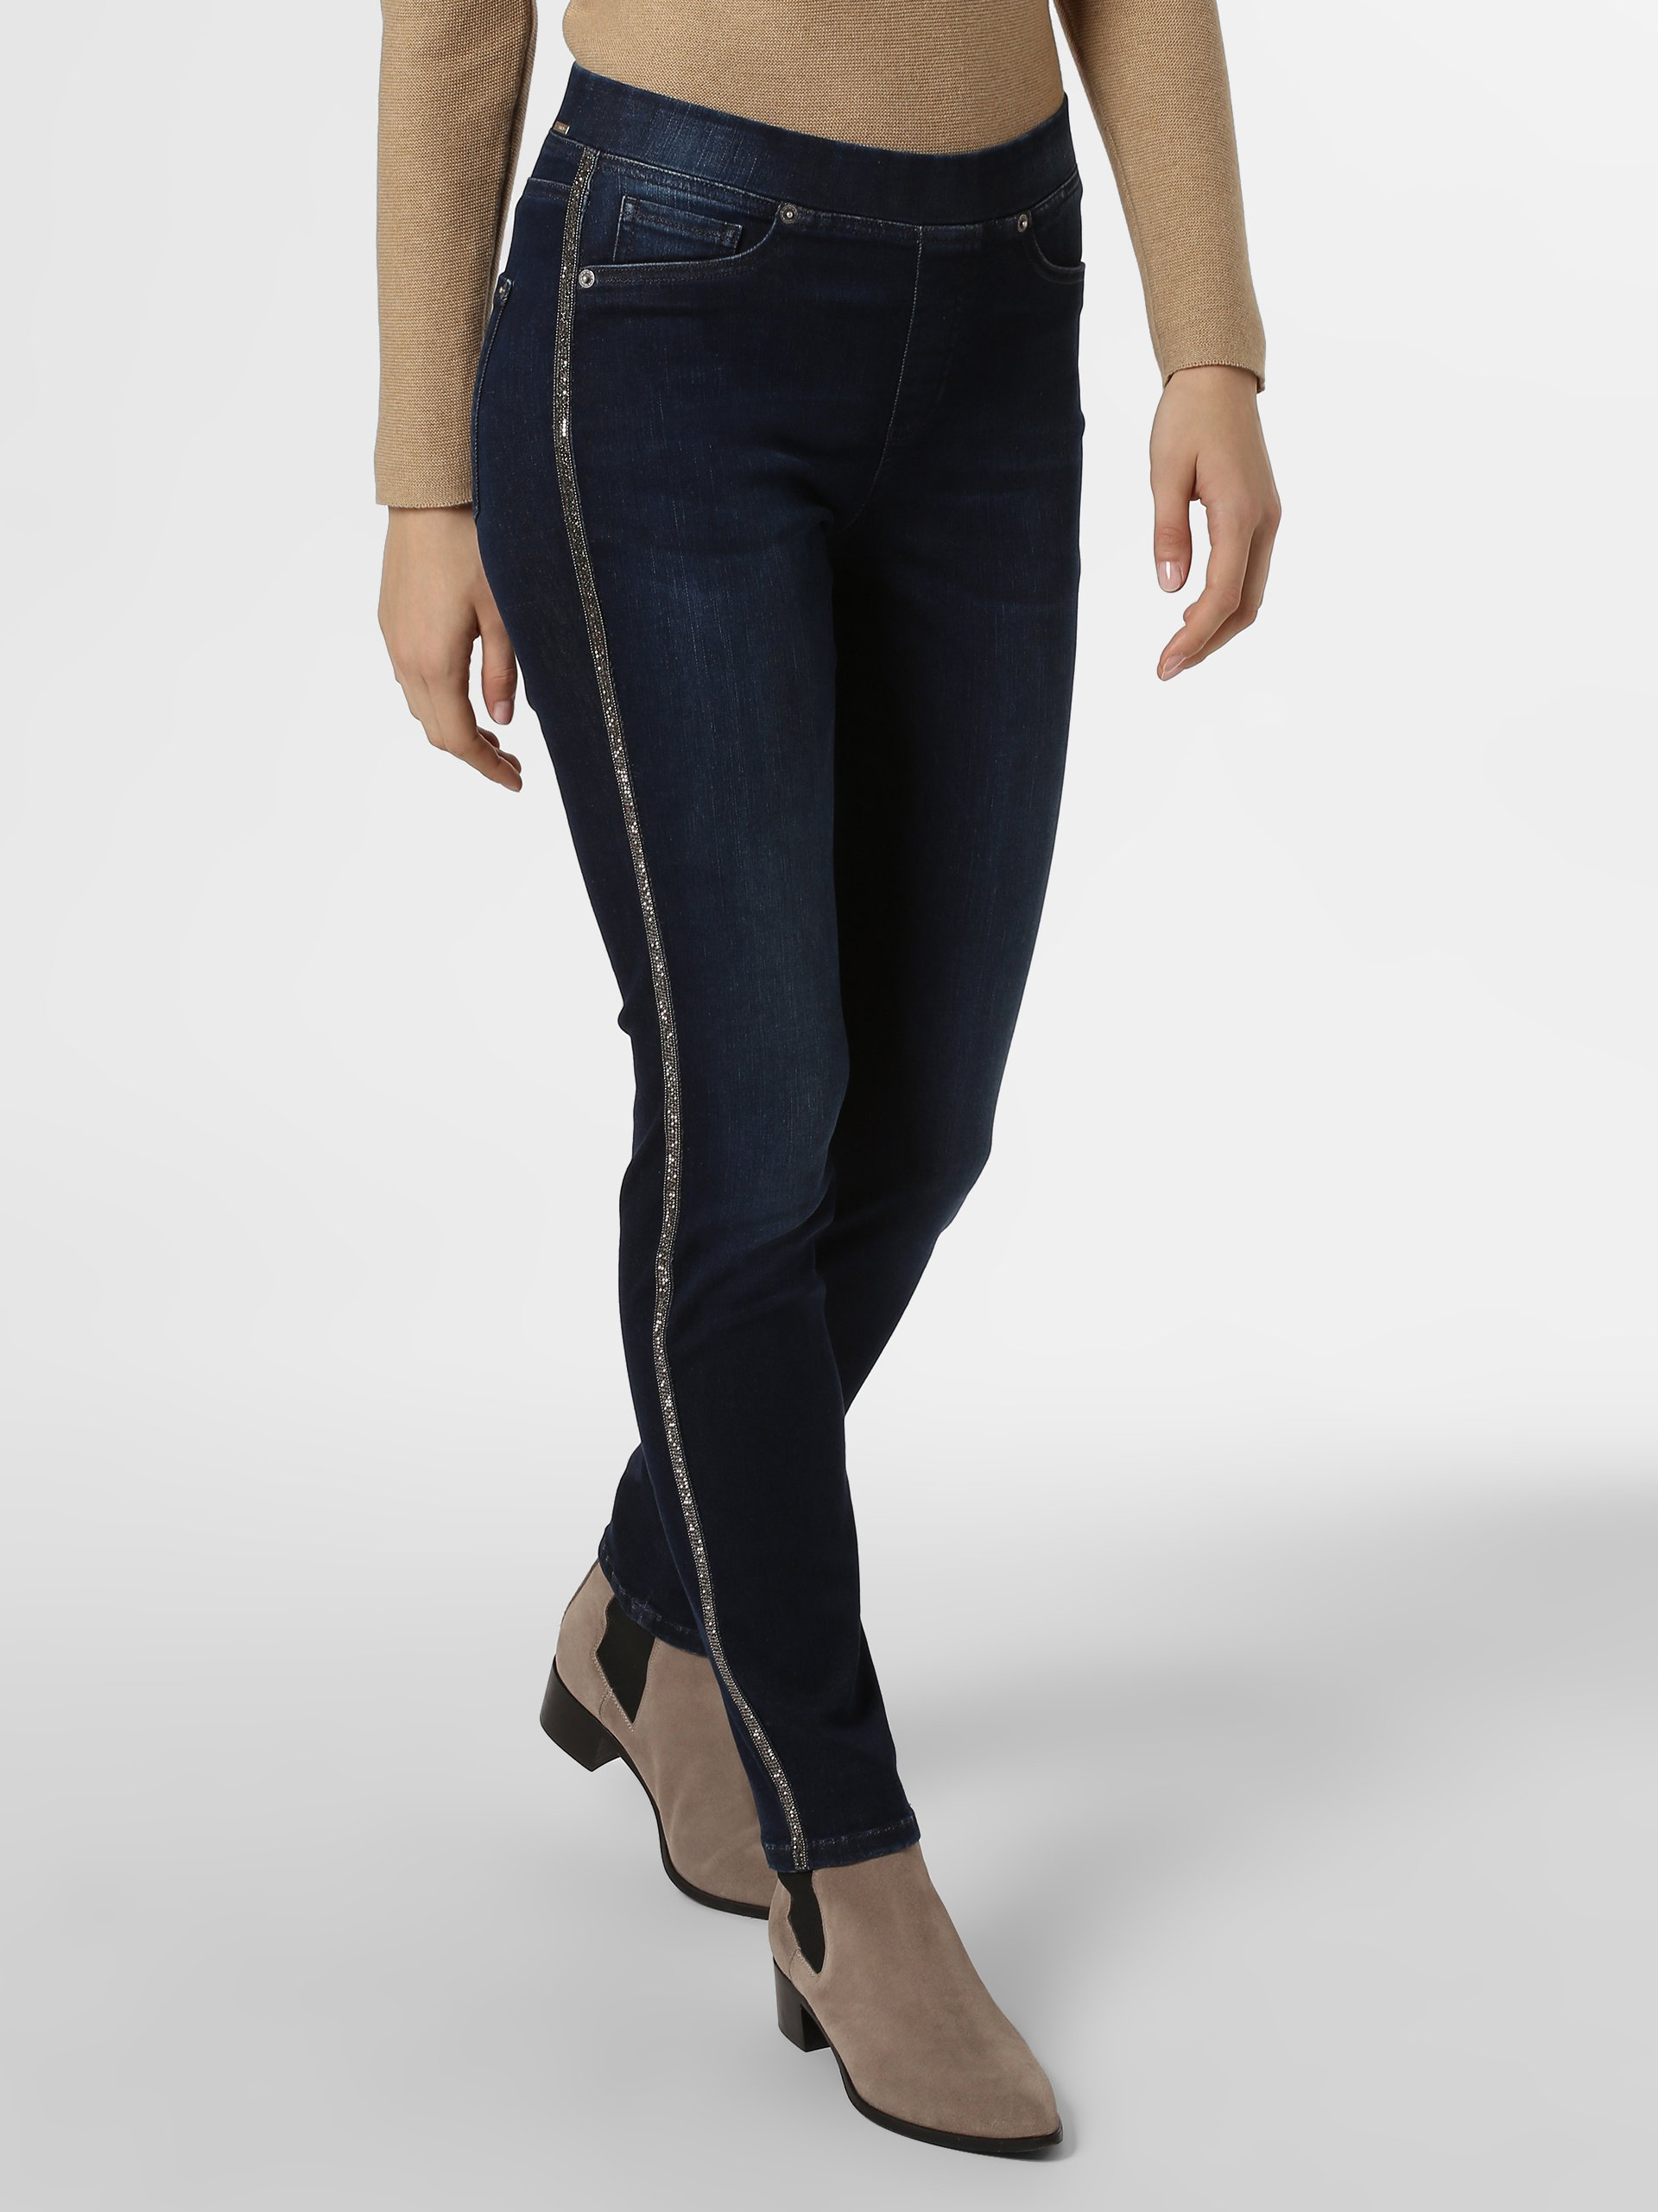 Cambio Damen Jeans